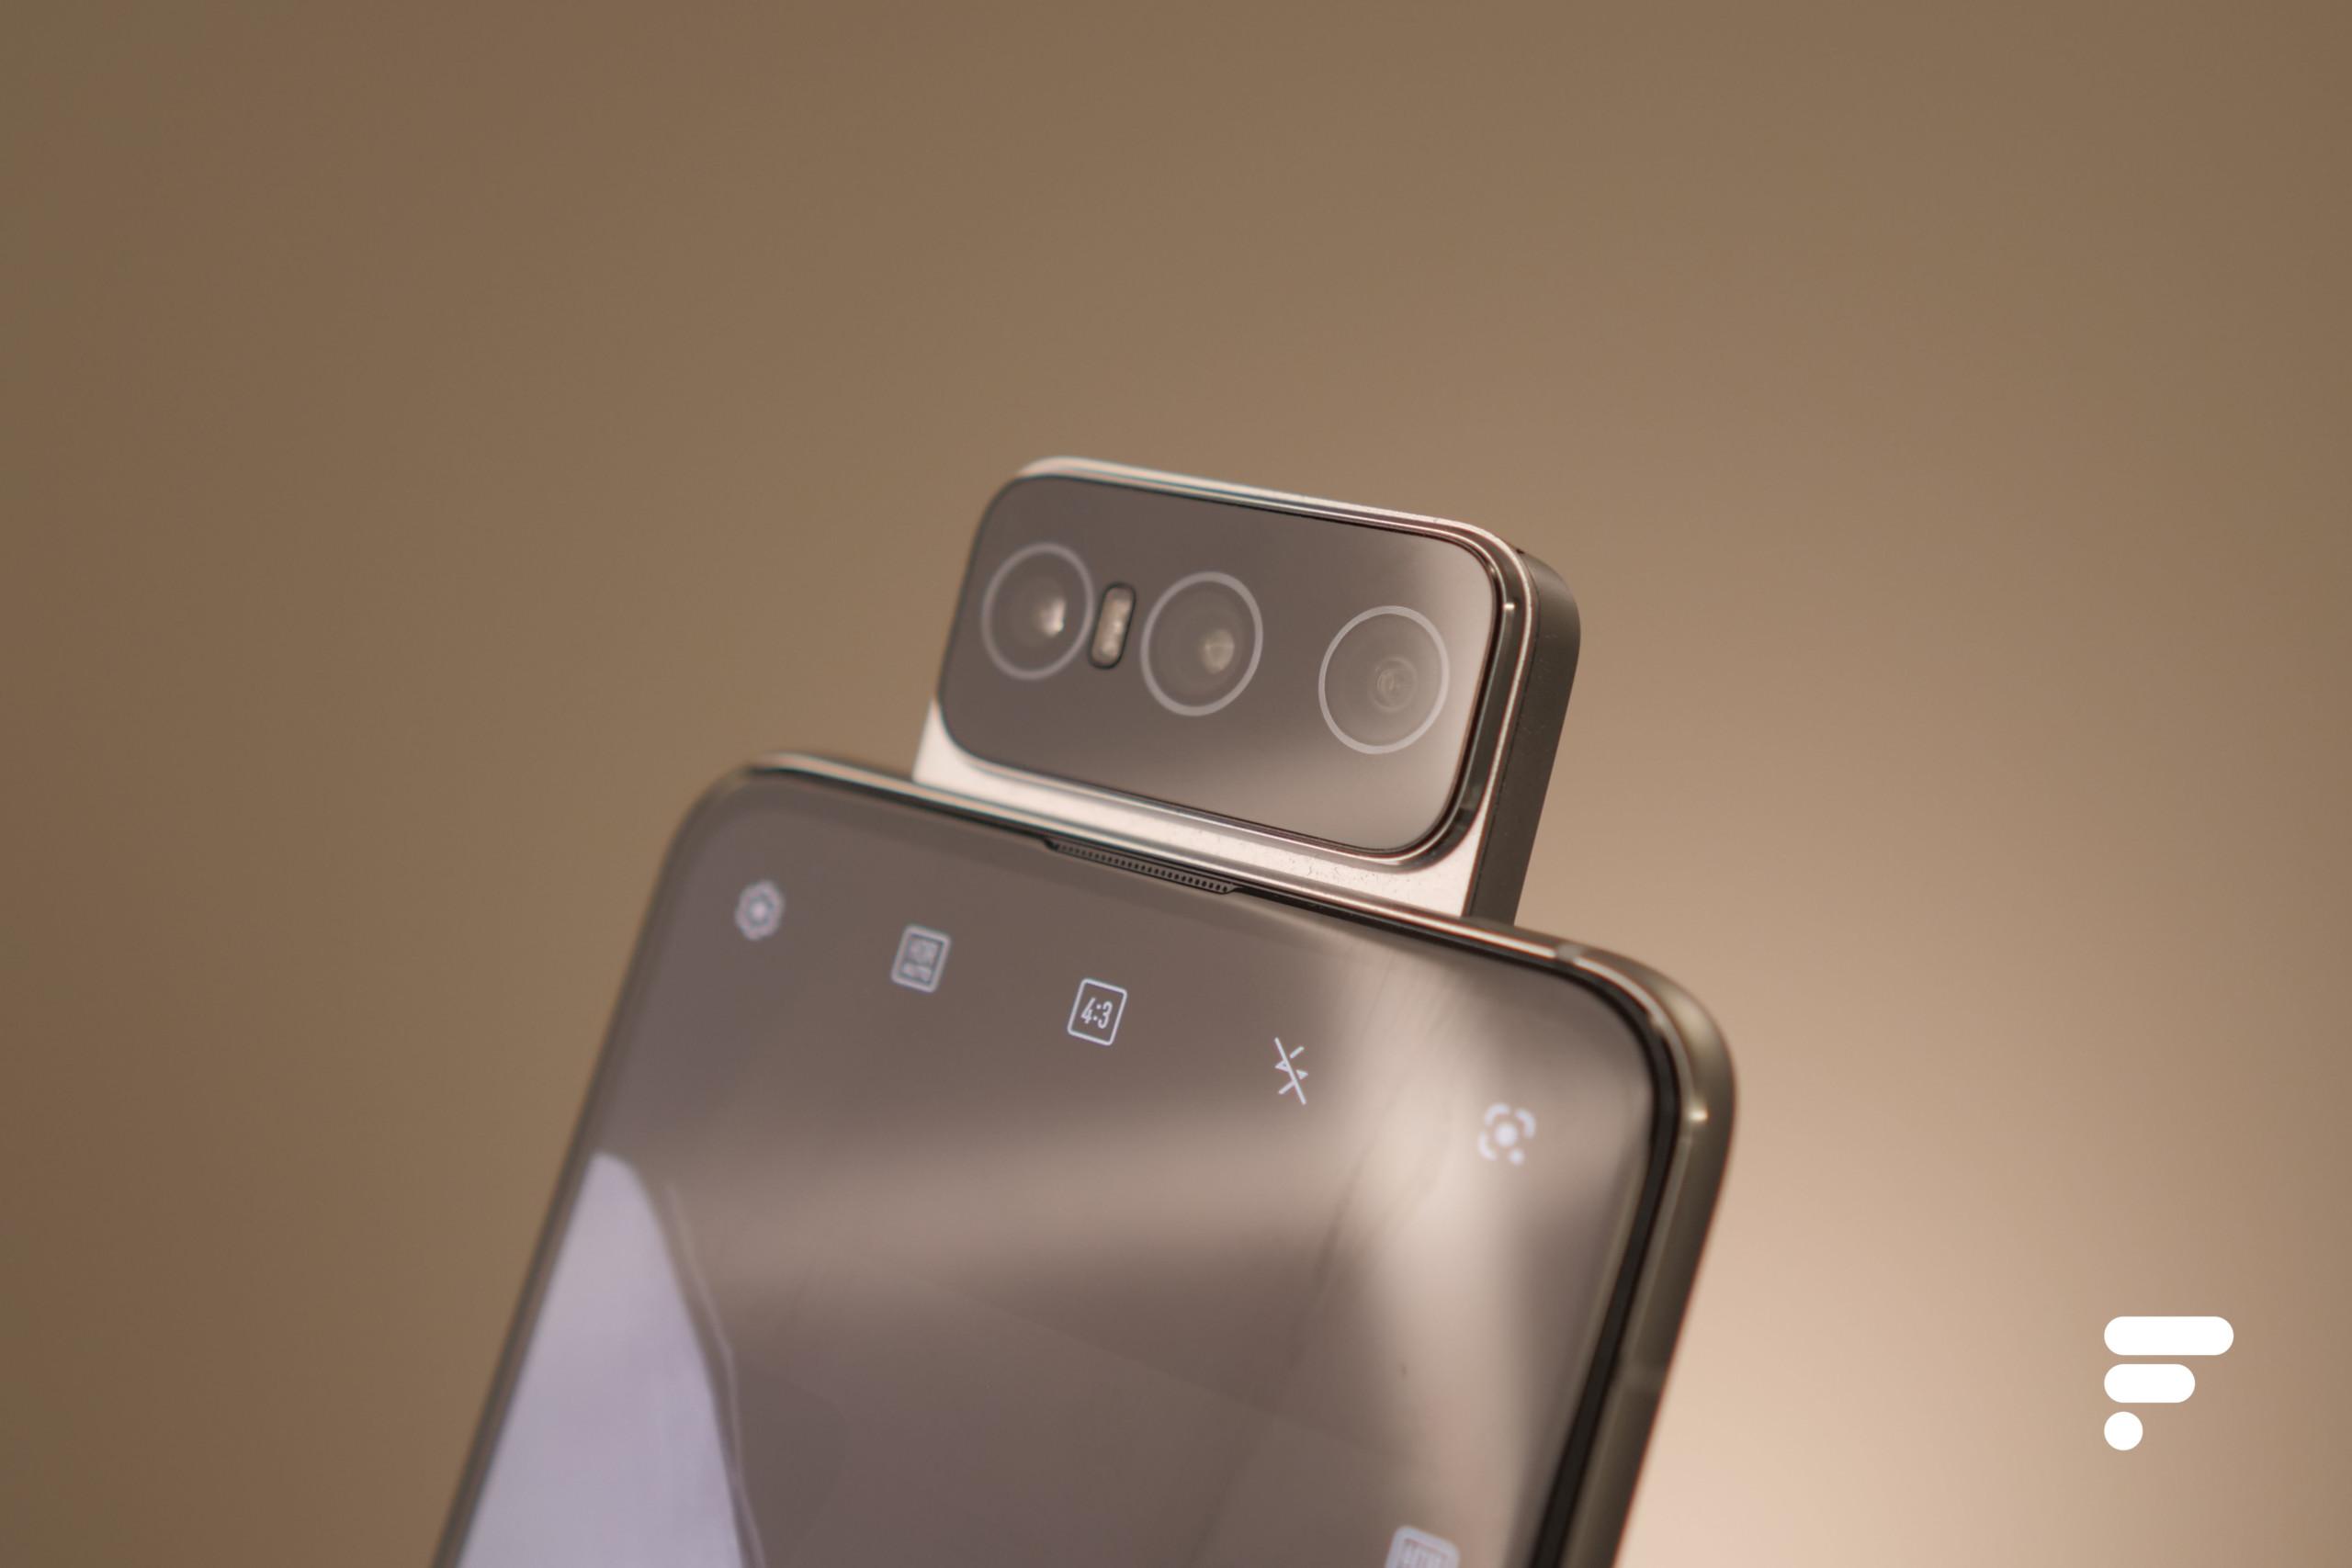 Google a ébruité plusieurs noms de nouveaux smartphones, dont des Samsung, Asus et des Oppo